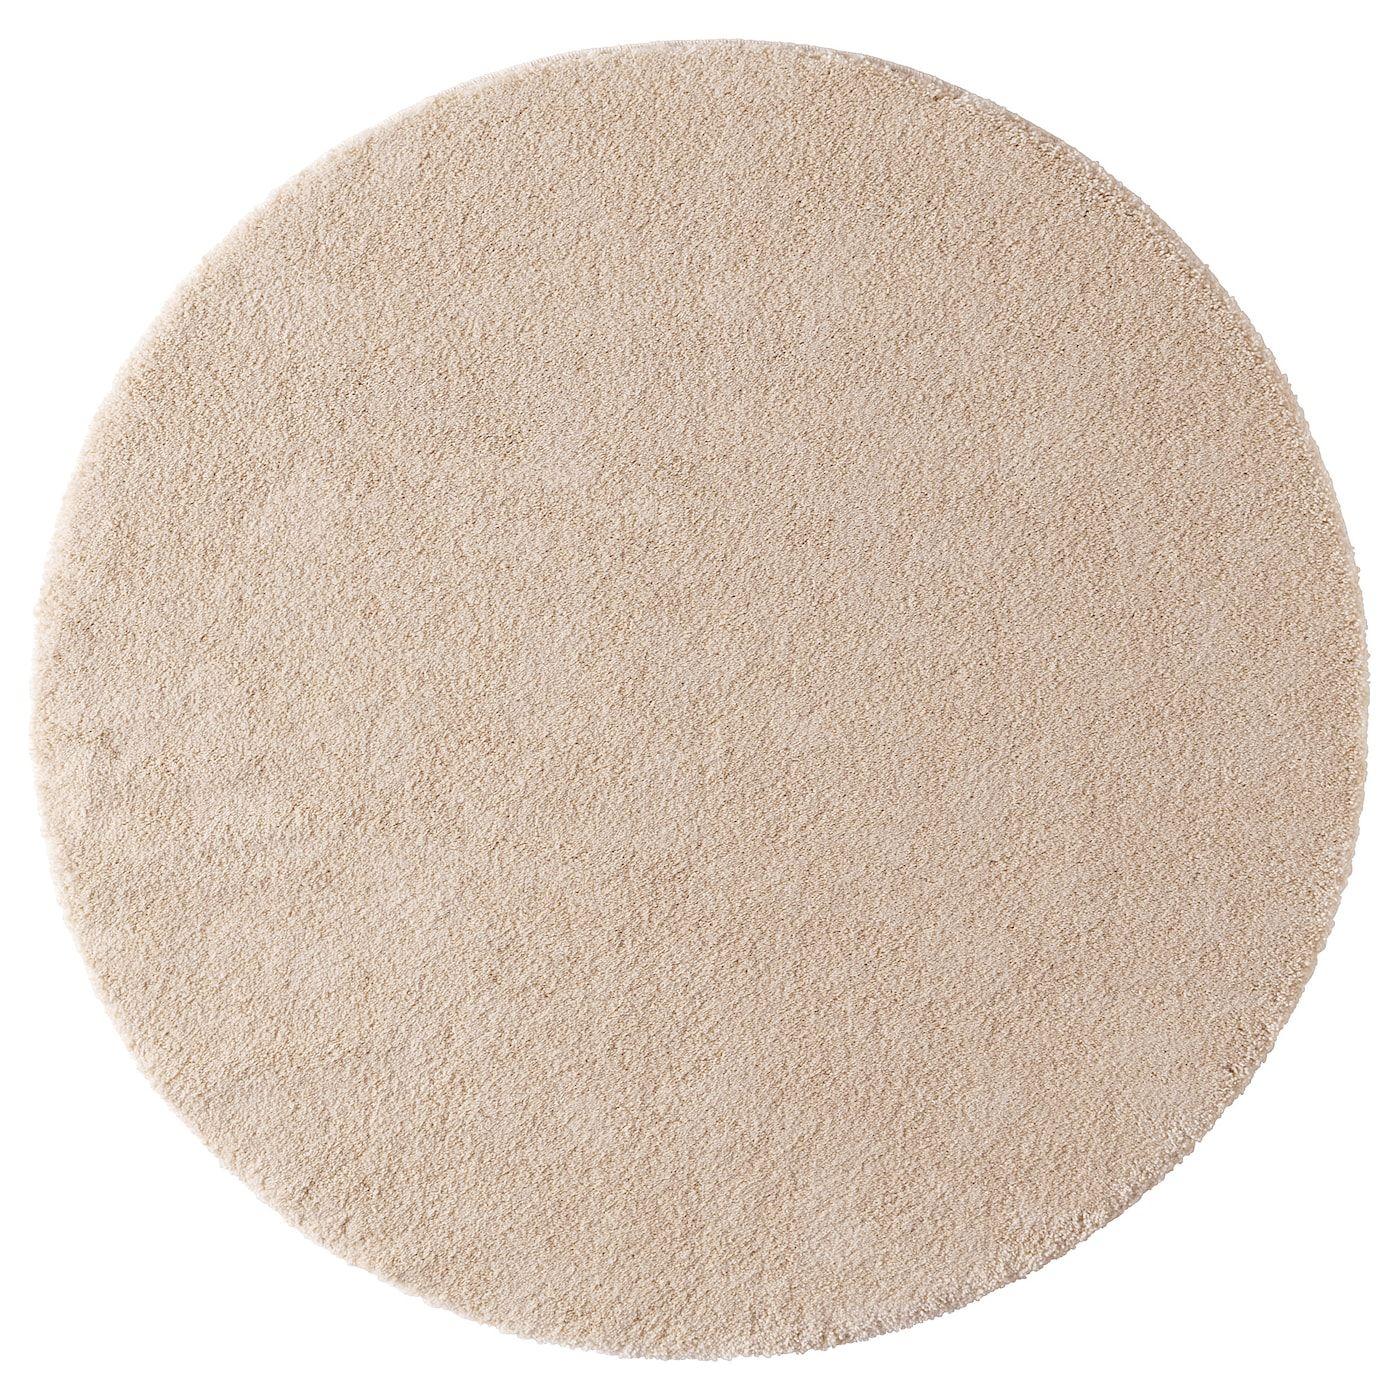 Stoense Teppich Kurzflor Elfenbeinweiß In Den Warenkorb Legen Ikea Deutschland Rugs How To Clean Carpet Pink Rug